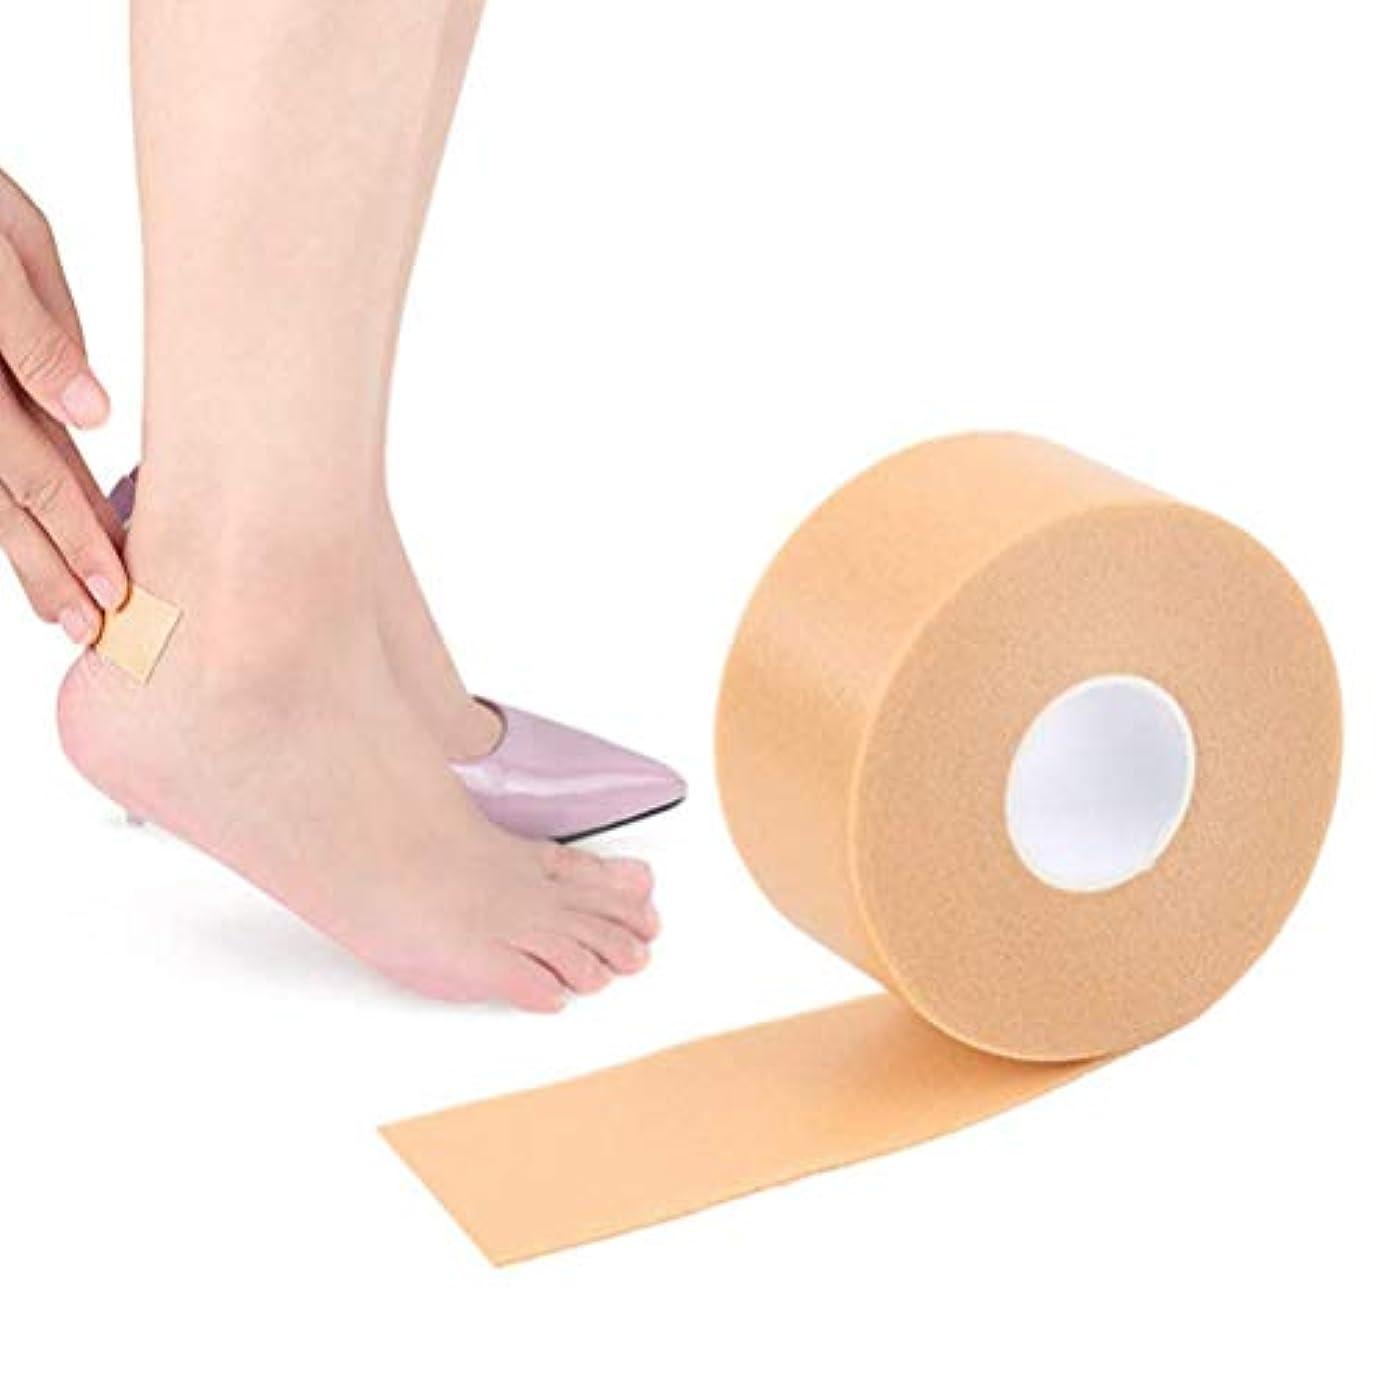 腸審判エミュレートする有用なシリコーンジェルヒールクッションプロテクターフット足のケア靴インサートパッドインソール